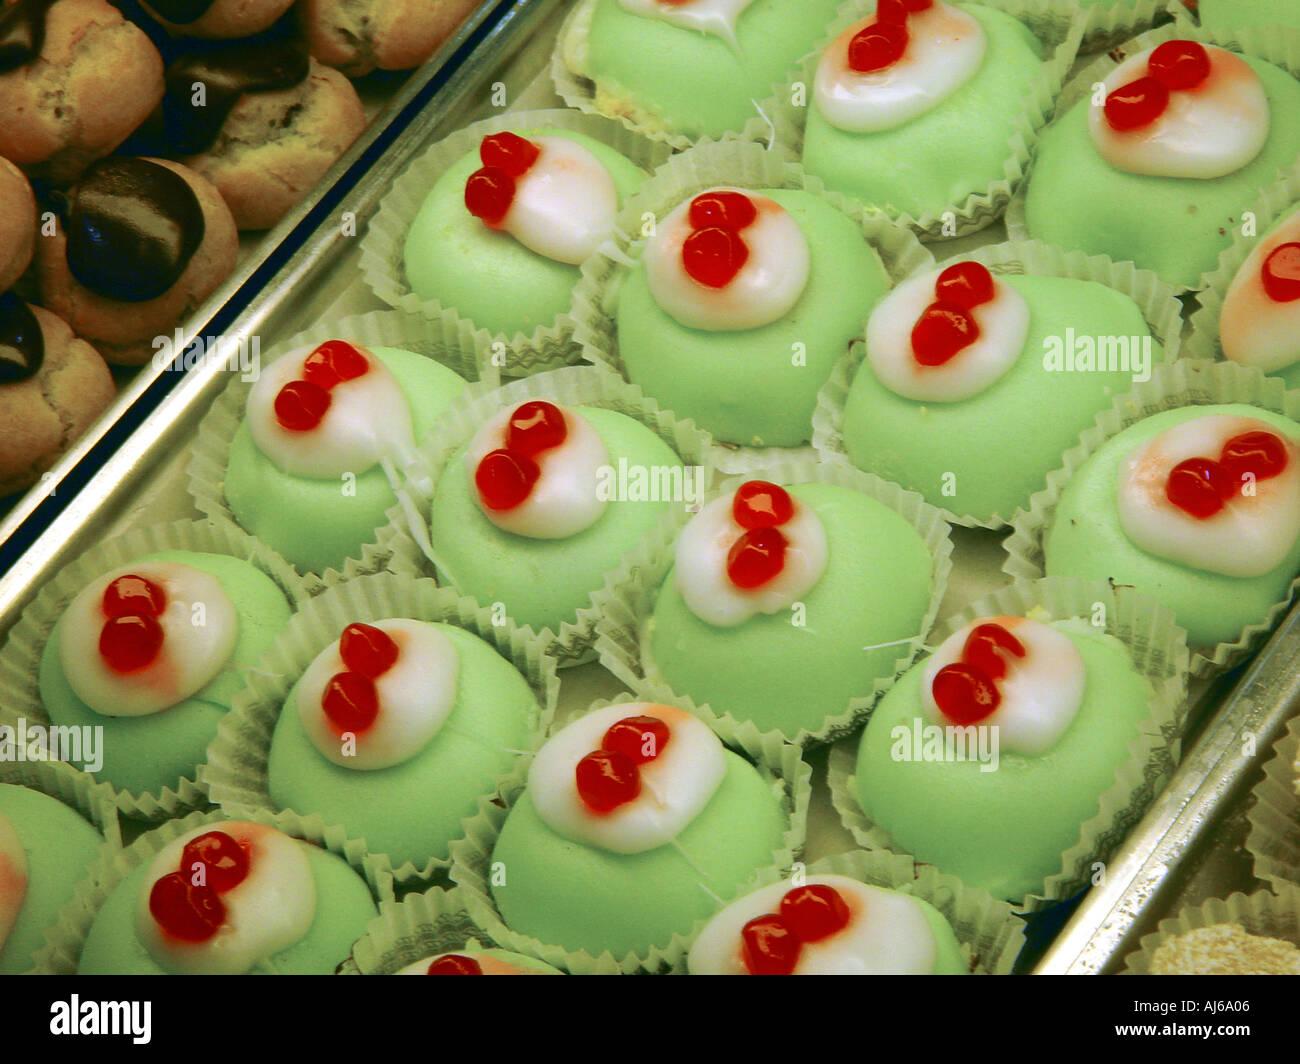 kleine kuchen muster in anzeigen italienischen caf shop rom italien - Kuchen Muster